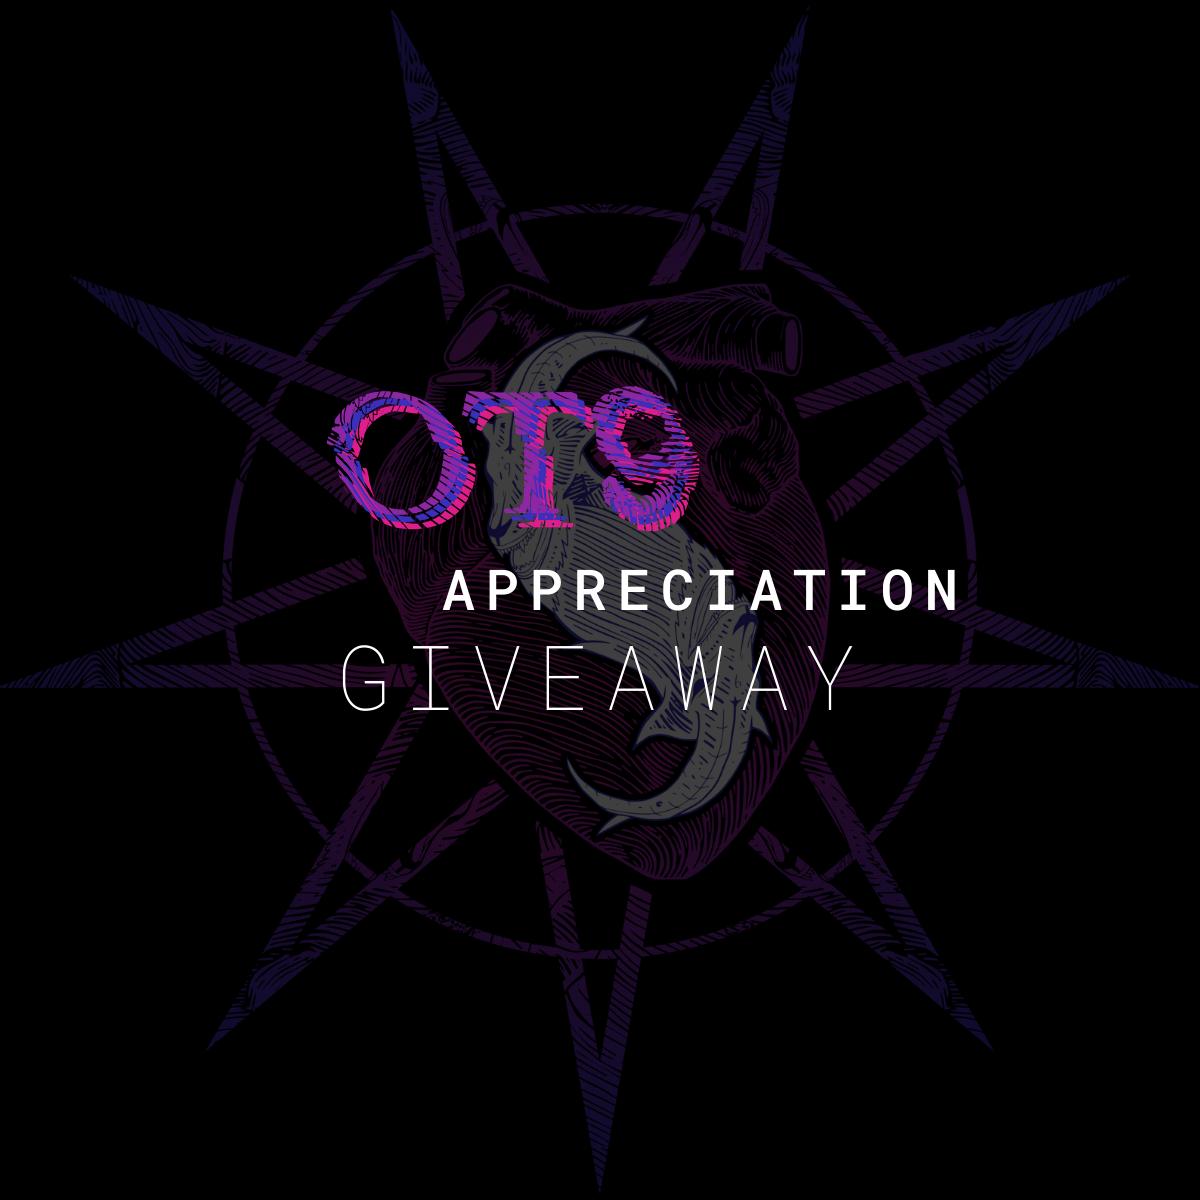 OT9 Appreciation Giveaway